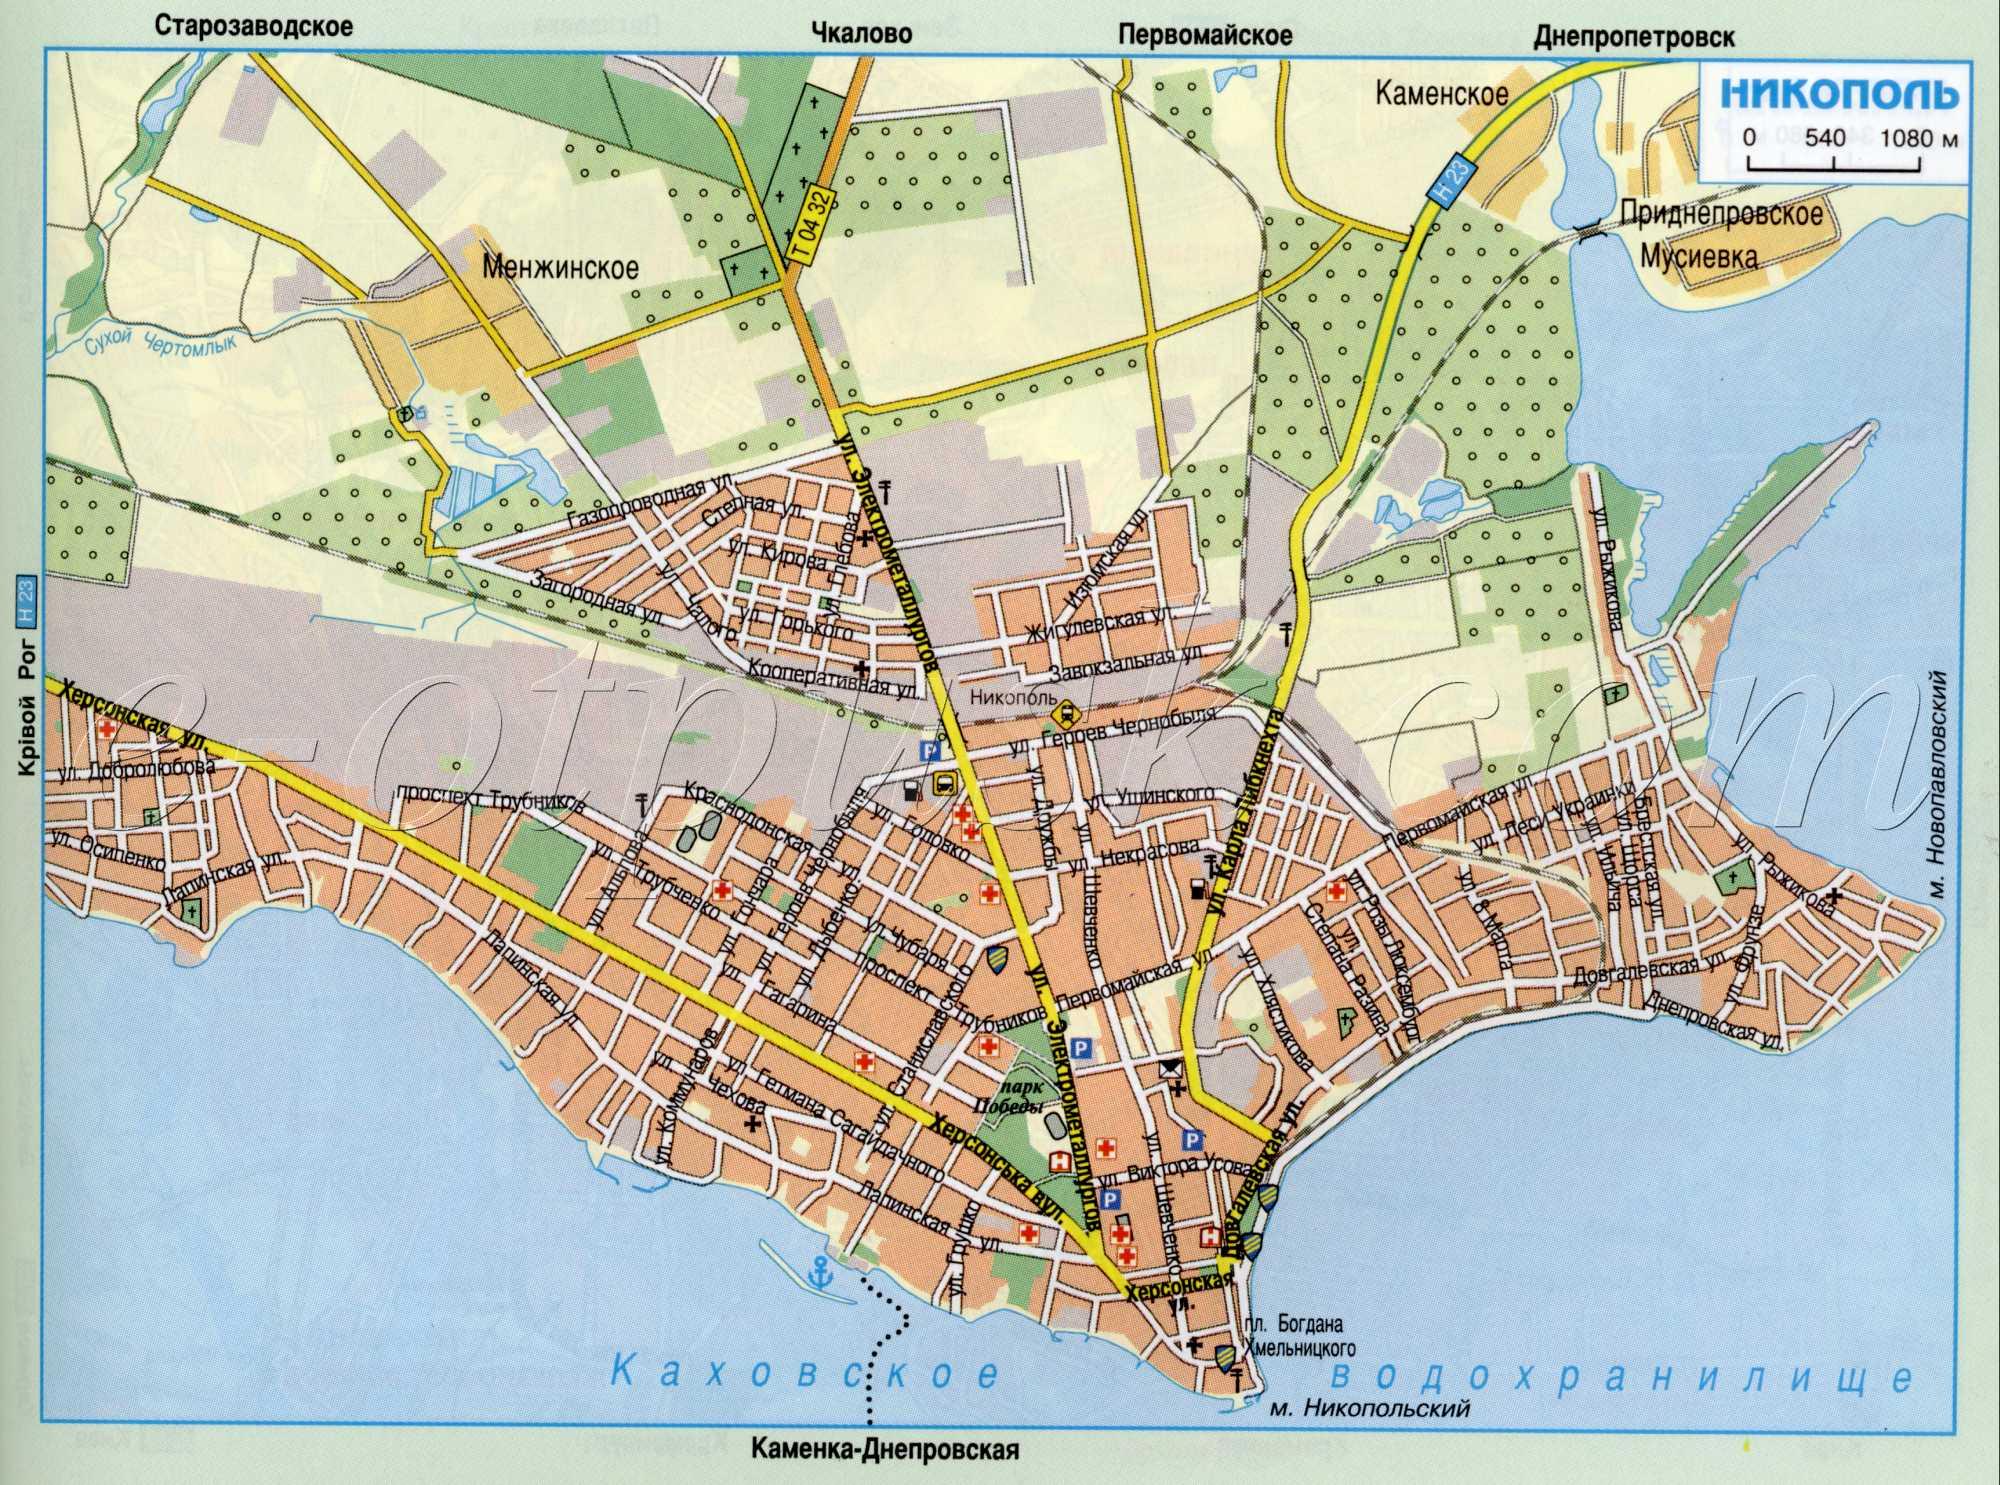 Карта города Никополь